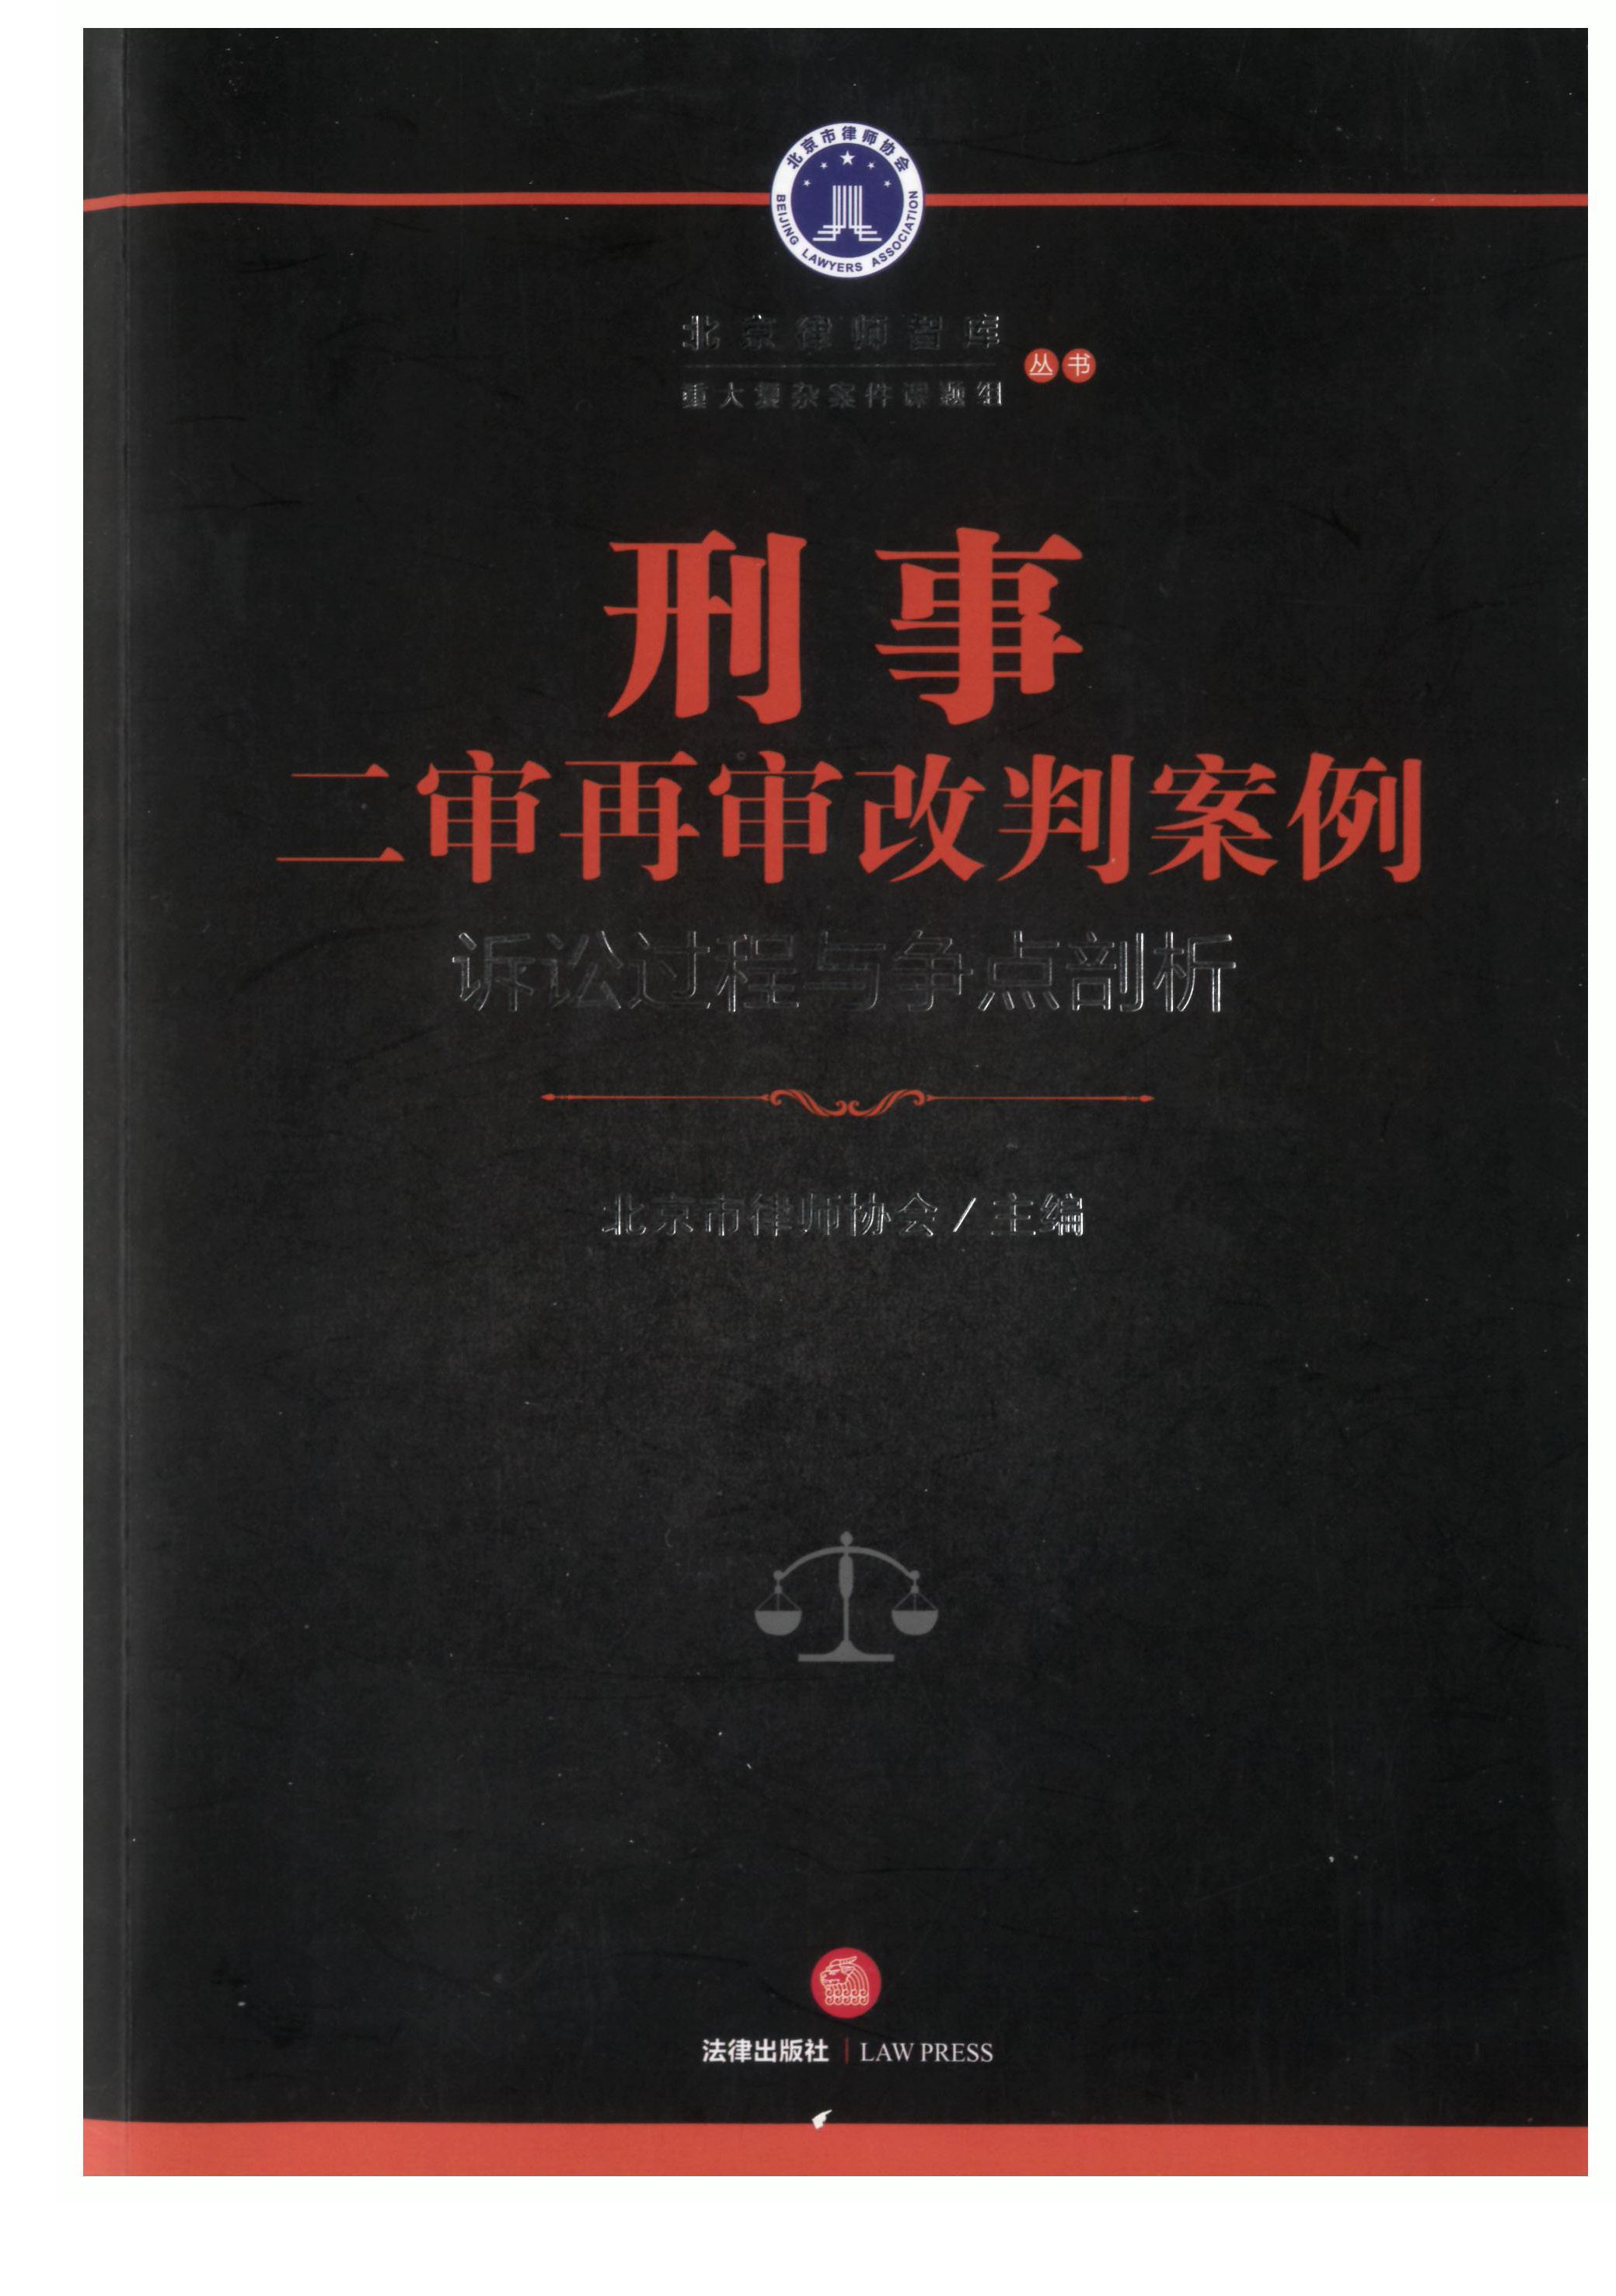 刘小某故意杀人案成功改判(图1)